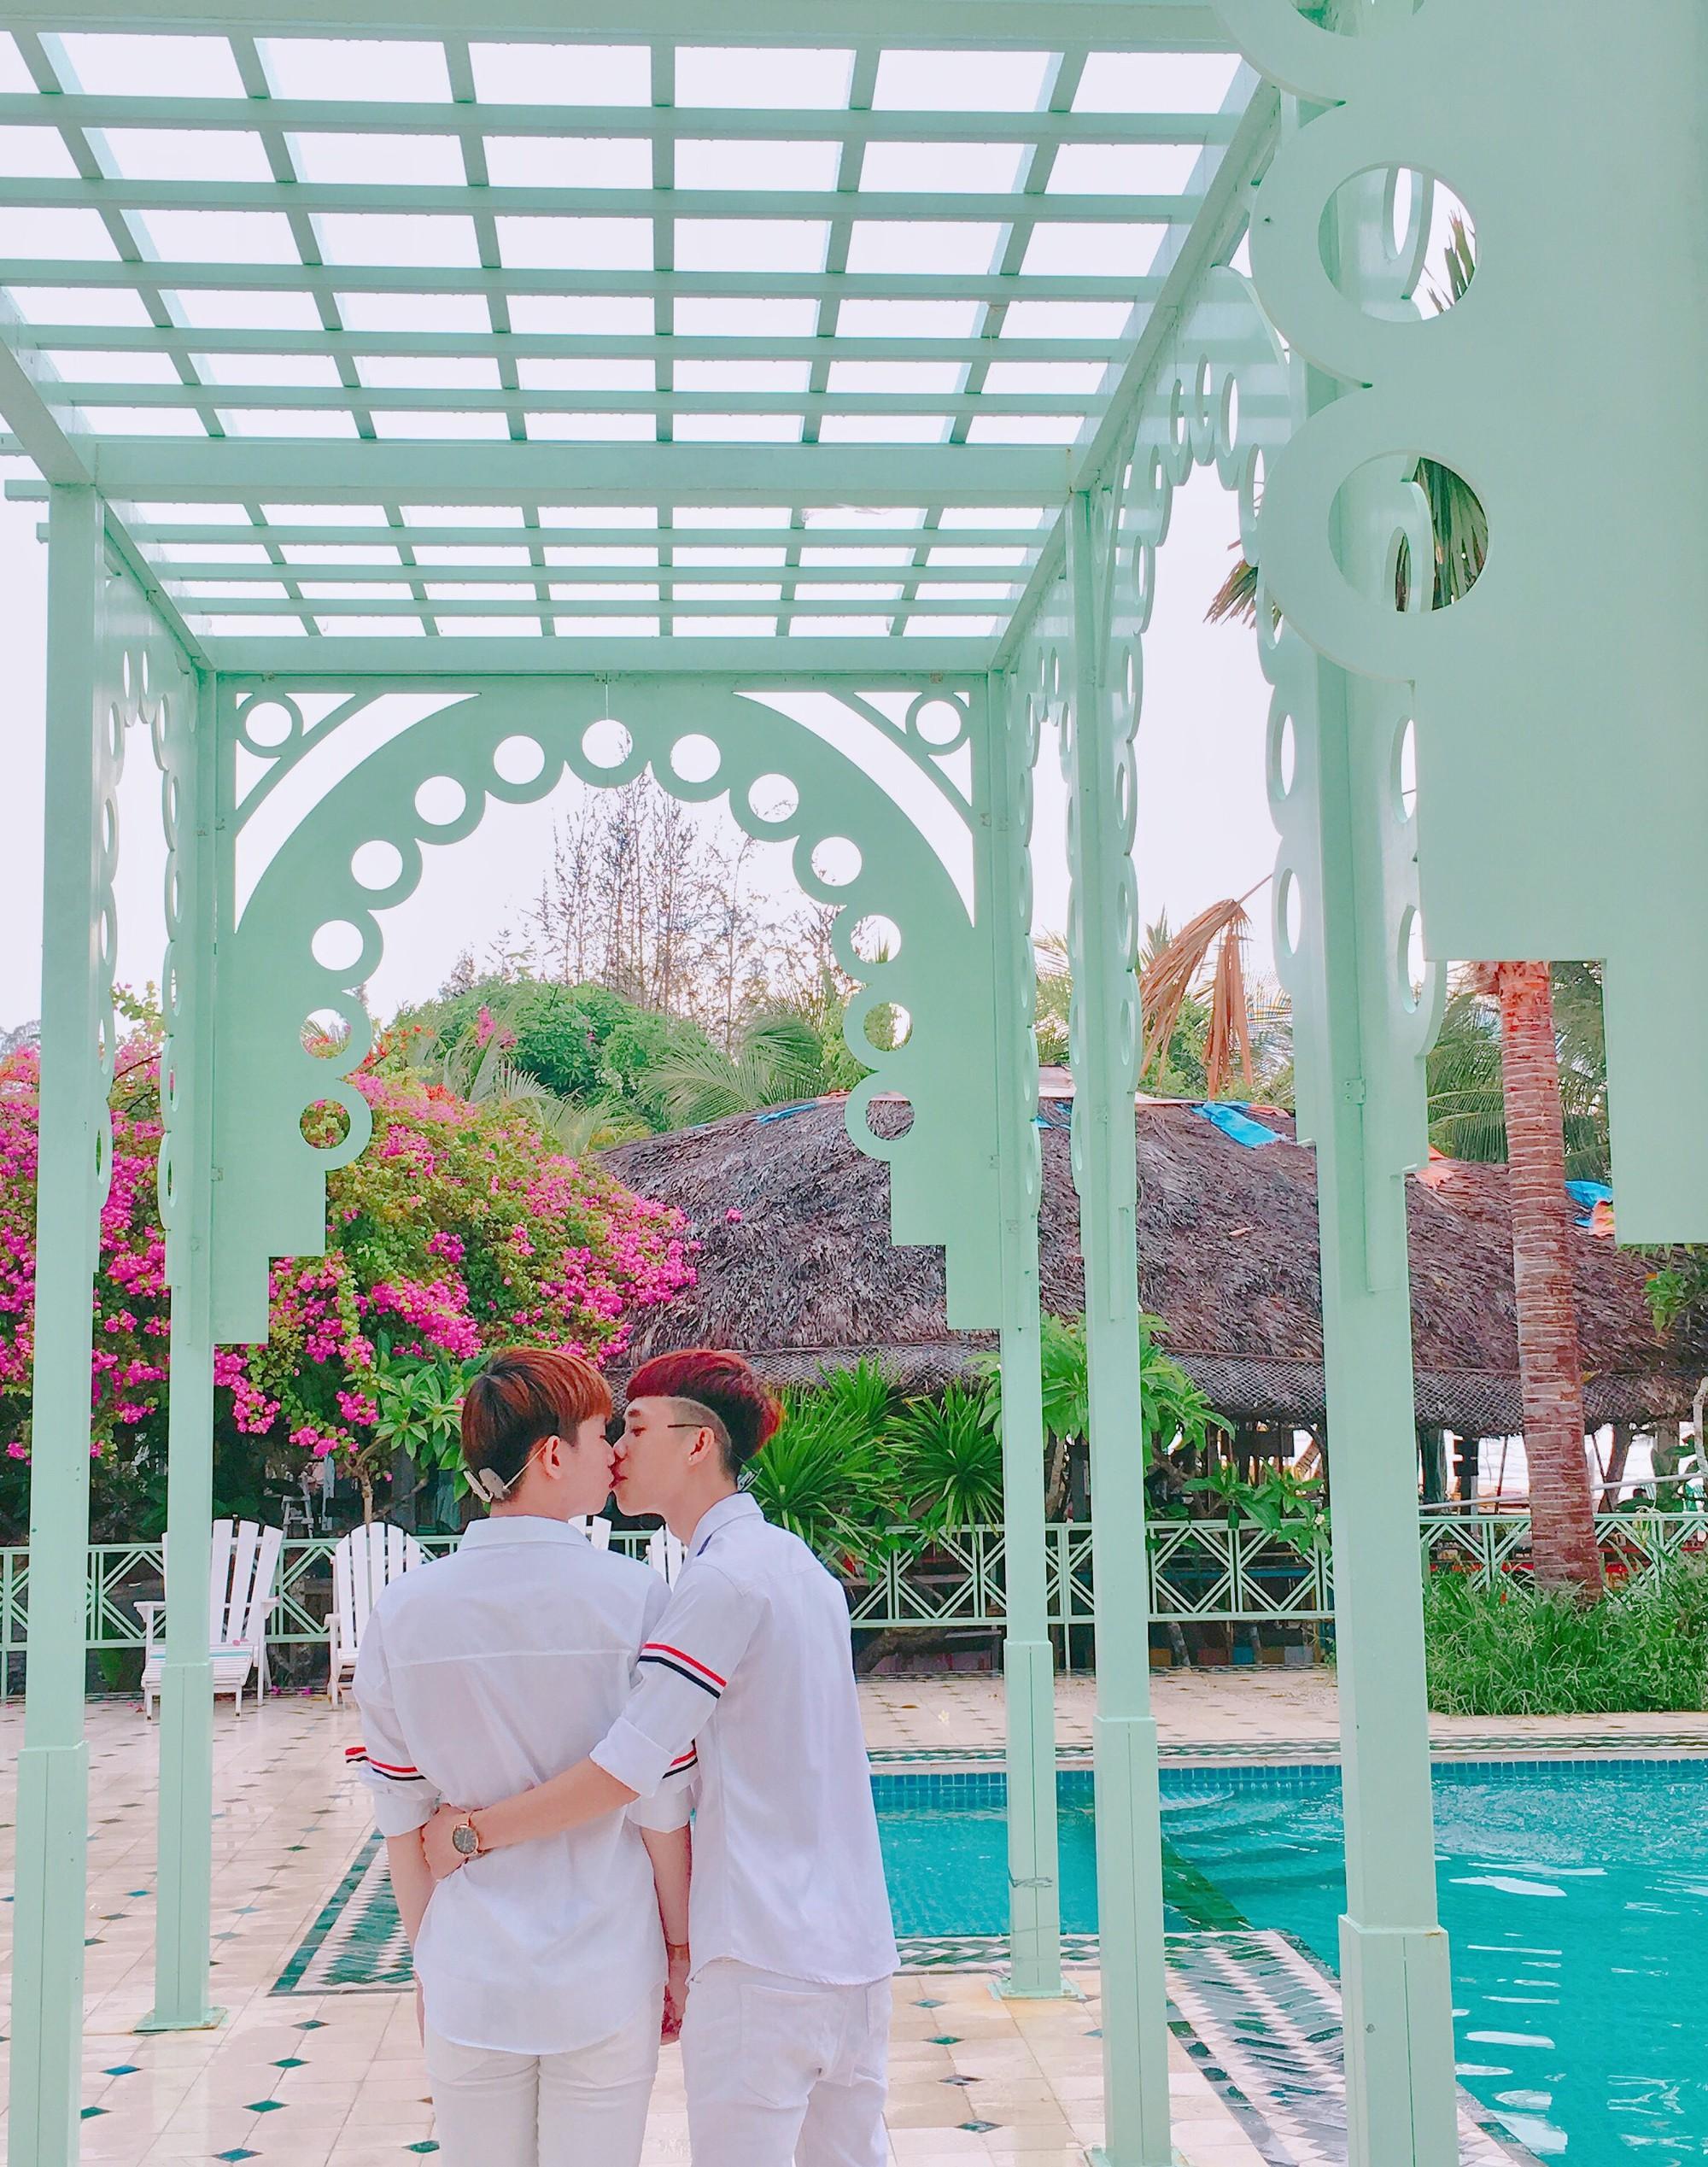 Cặp đôi đồng tính gây sốt với bộ ảnh đẹp như hoa cùng những khoảnh khắc ngọt ngào - Ảnh 5.